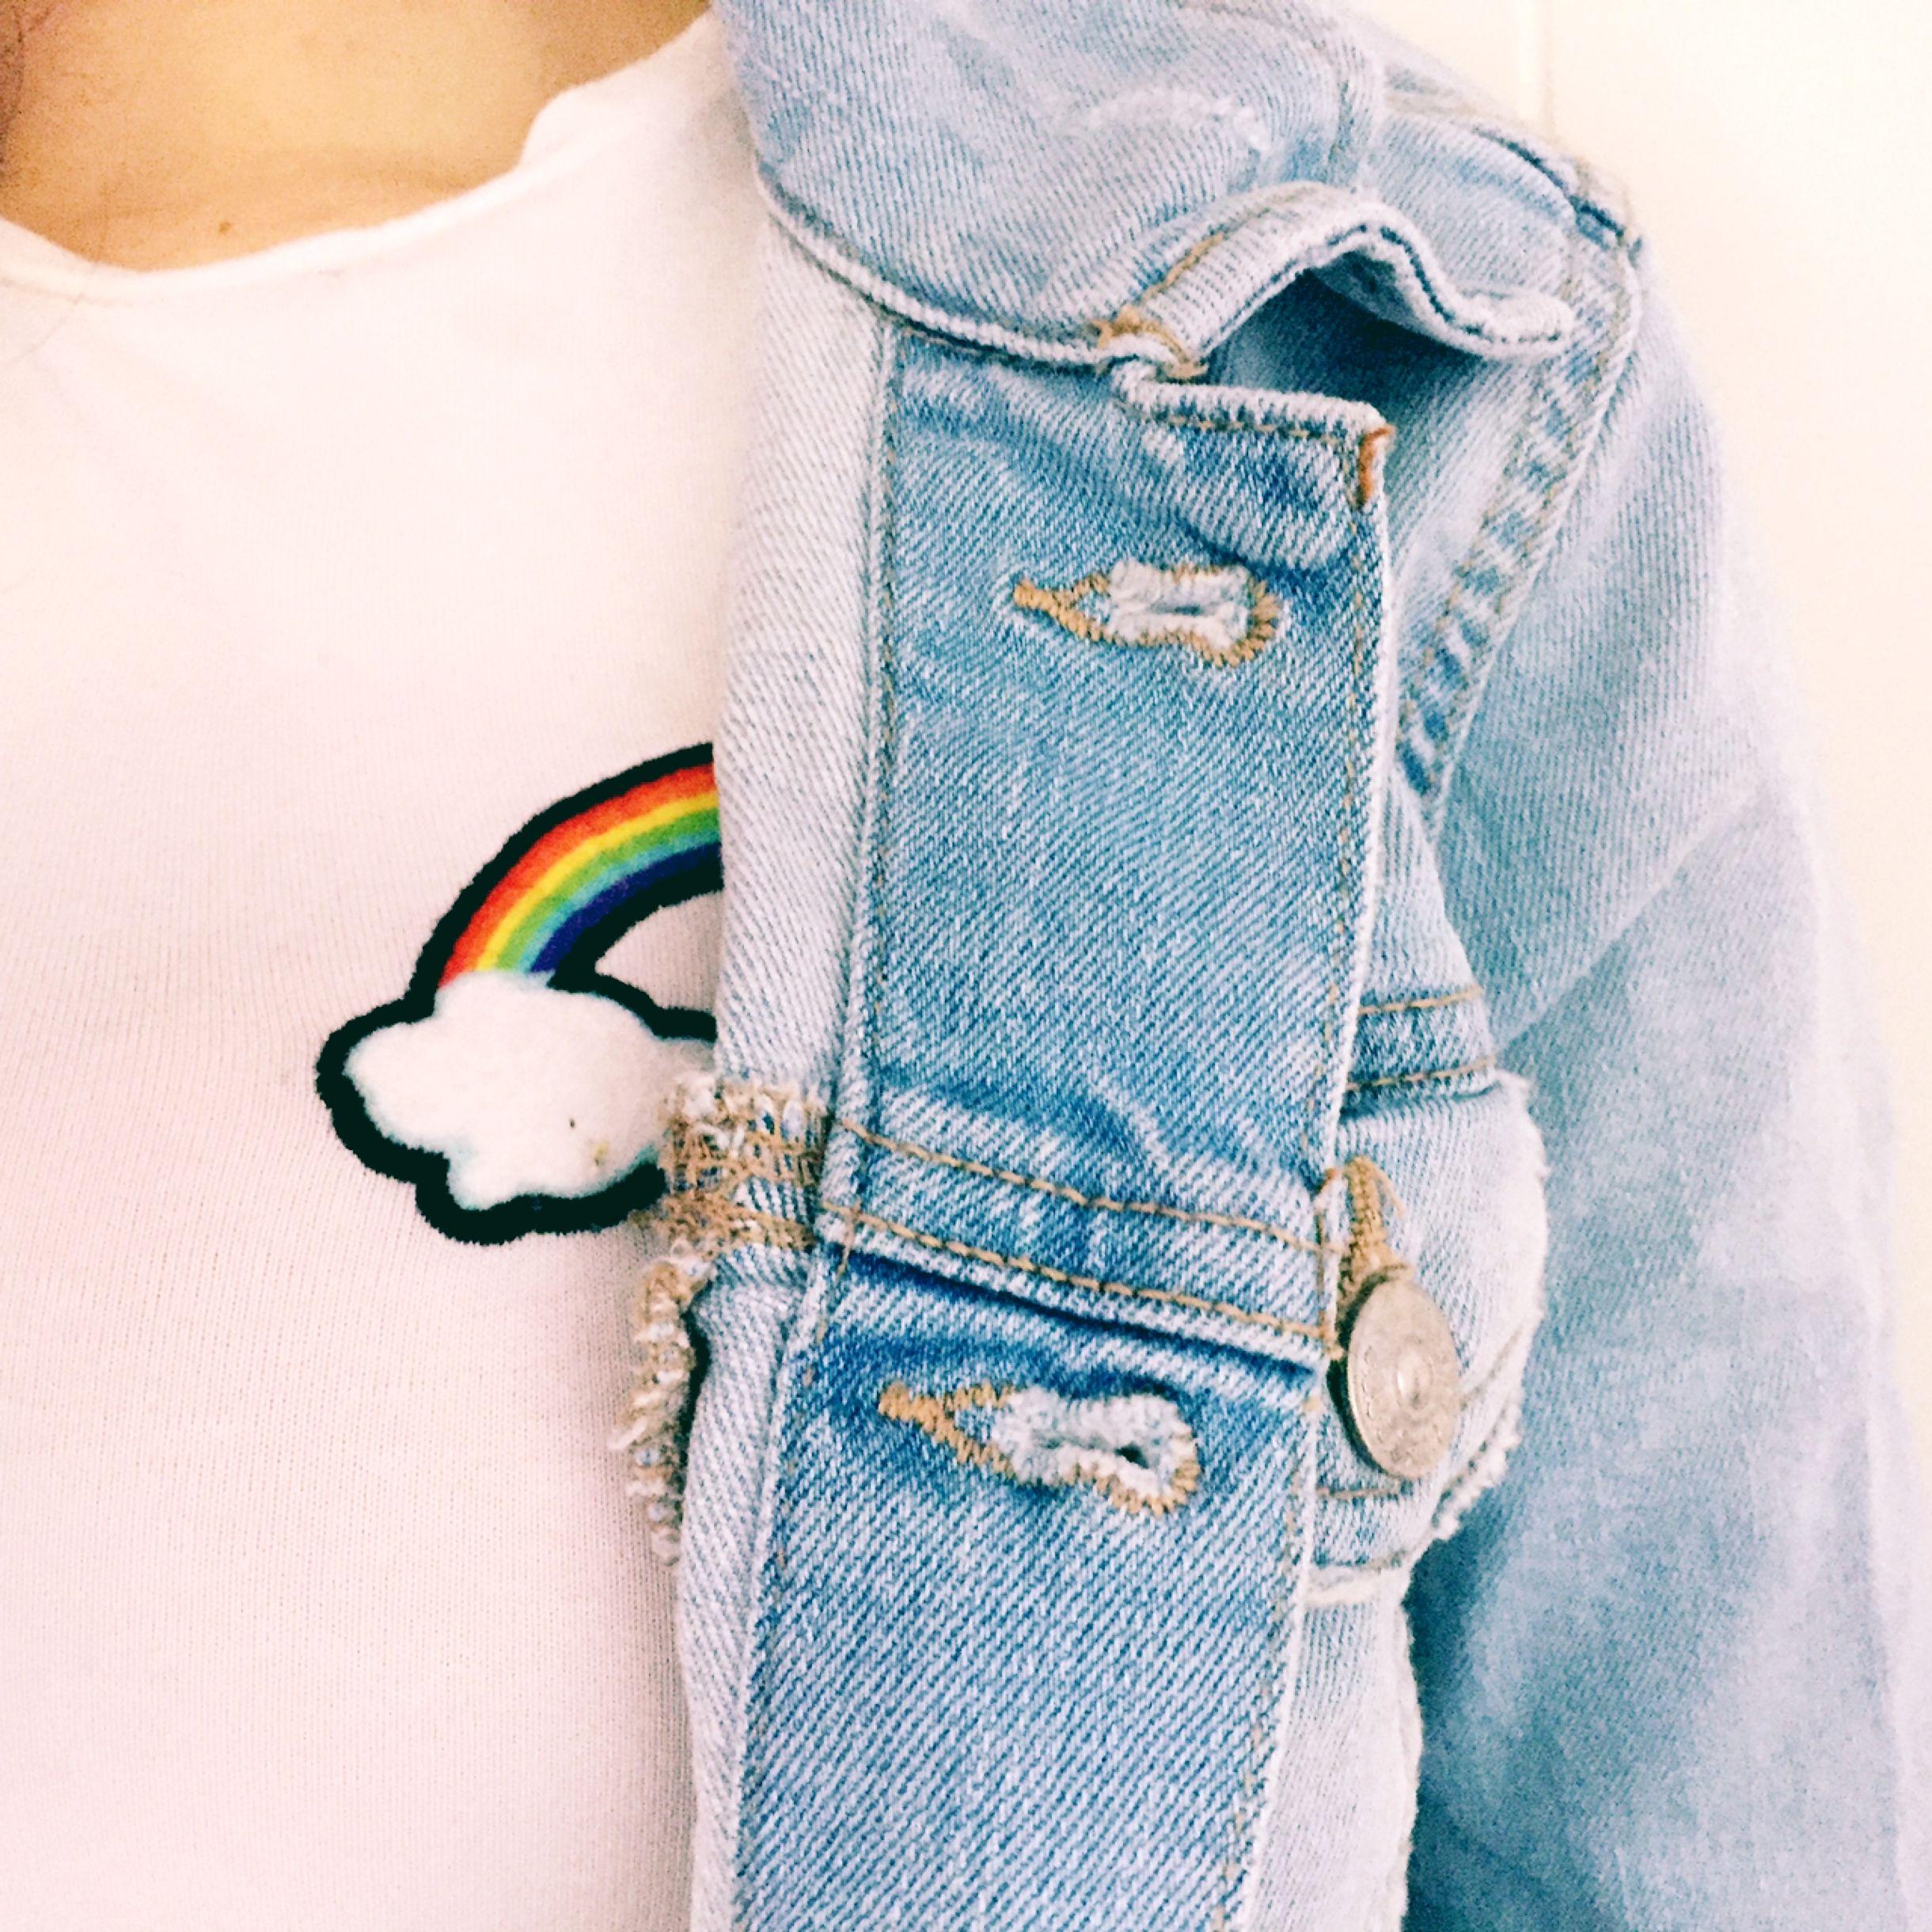 Boy Meets World 90S Fashion #KidsClothingSizes | Adidas